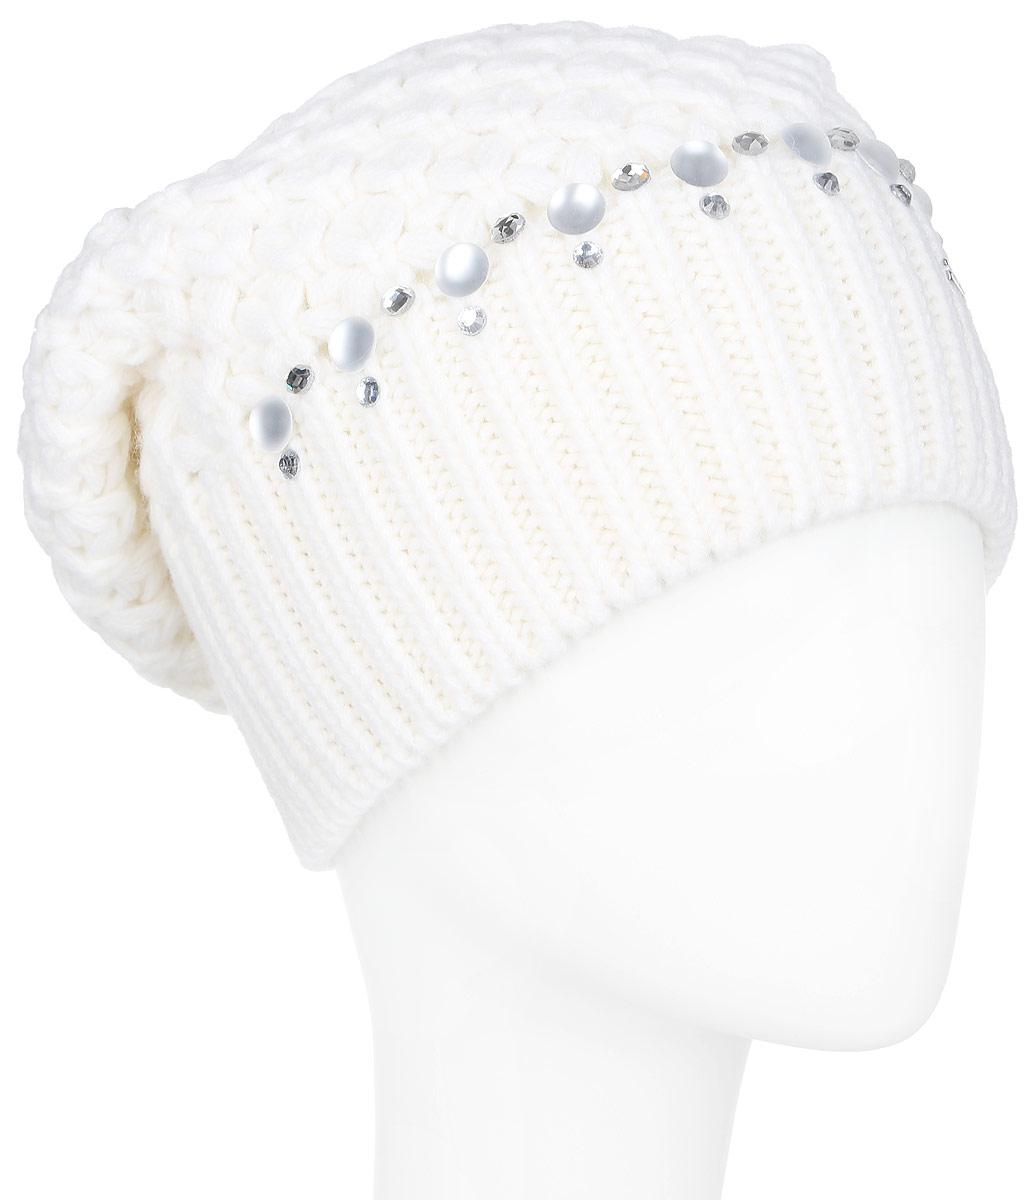 Шапка женская Finn Flare, цвет: белый. A16-11150_201. Размер 56A16-11150_201Стильная женская шапка Finn Flare дополнит ваш наряд и не позволит вам замерзнуть в холодное время года. Шапка выполнена из высококачественной пряжи, что позволяет ей великолепно сохранять тепло и обеспечивает высокую эластичность и удобство посадки.Модель оформлена кристаллами, пластиковыми полубусинами и металлической нашивкой с названием бренда. Такая шапка станет модным и стильным дополнением вашего гардероба. Она согреет вас и позволит подчеркнуть свою индивидуальность!